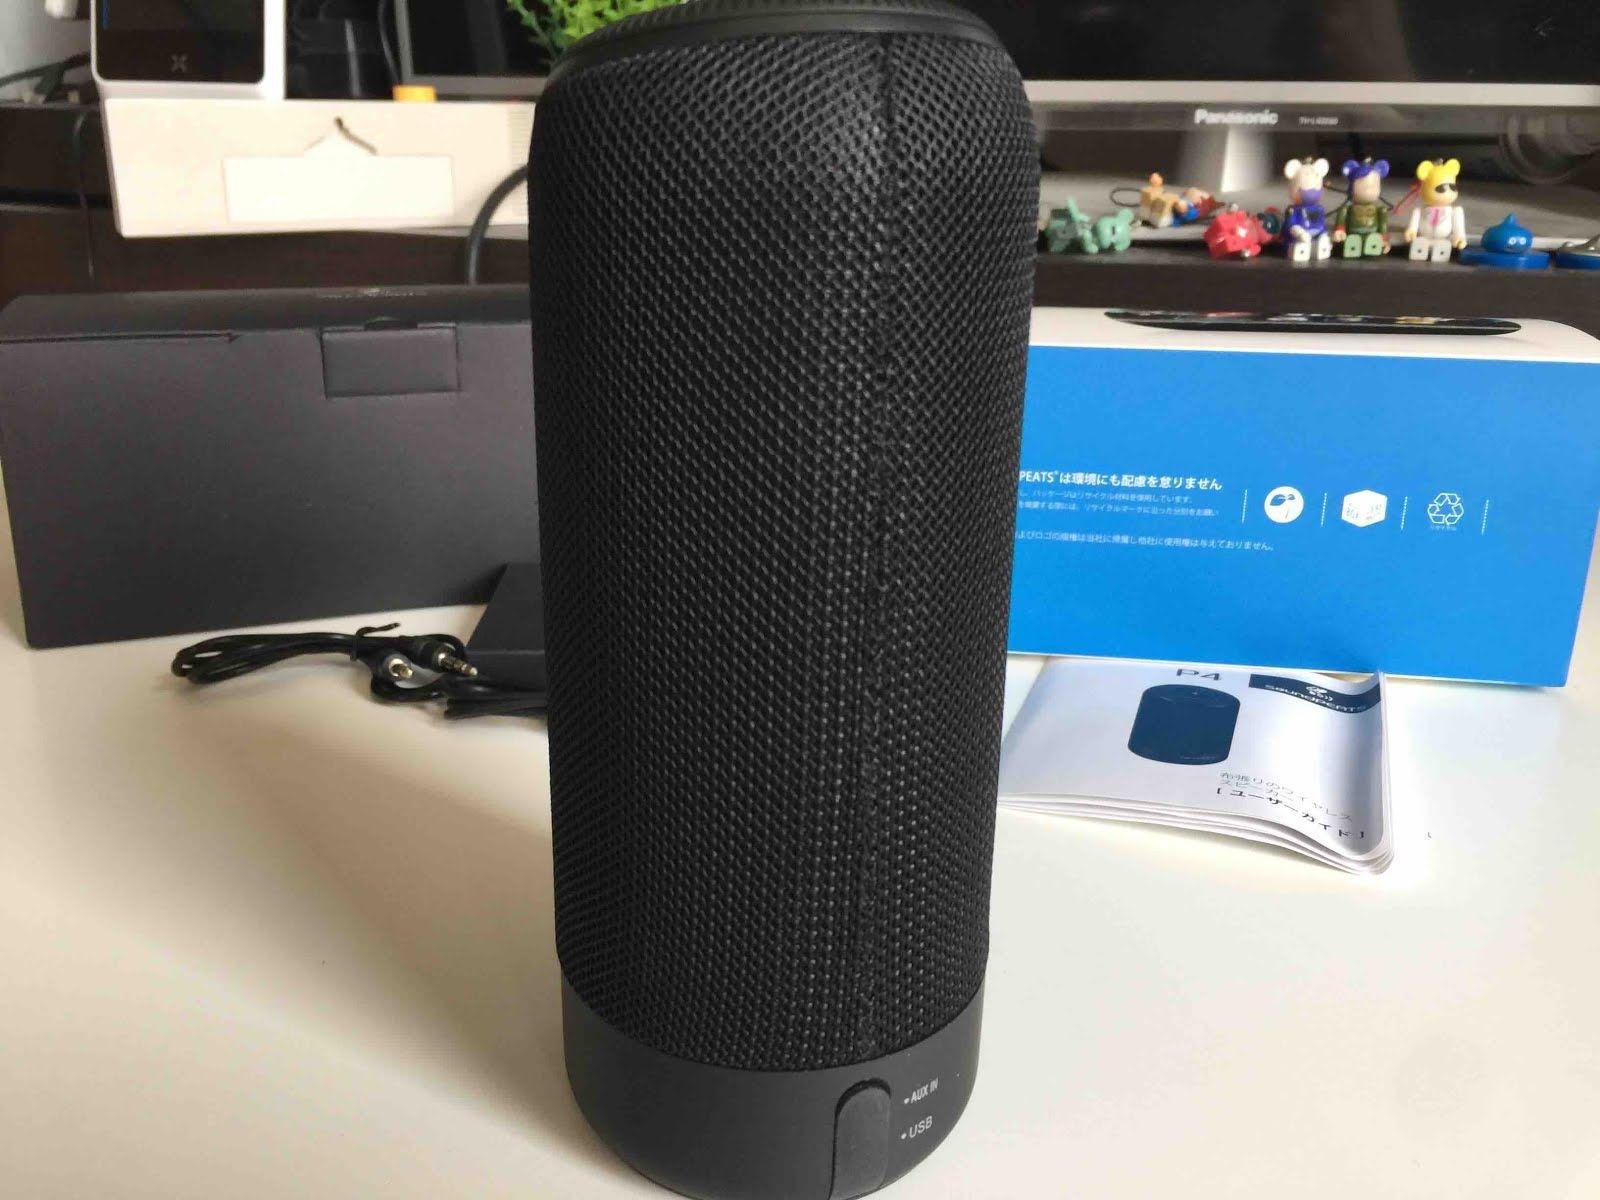 ブログ更新!SoundPEATS P4 IPX4防水Bluetooth Speaker 8時間連続再生 タッチ操作 5Wx2|密林レビューでは言えない!!  https://denseforestreviewcannotsay.blogspot.com/2017/05/soundpeats-p4-ipx4bluetooth-speaker-8.html